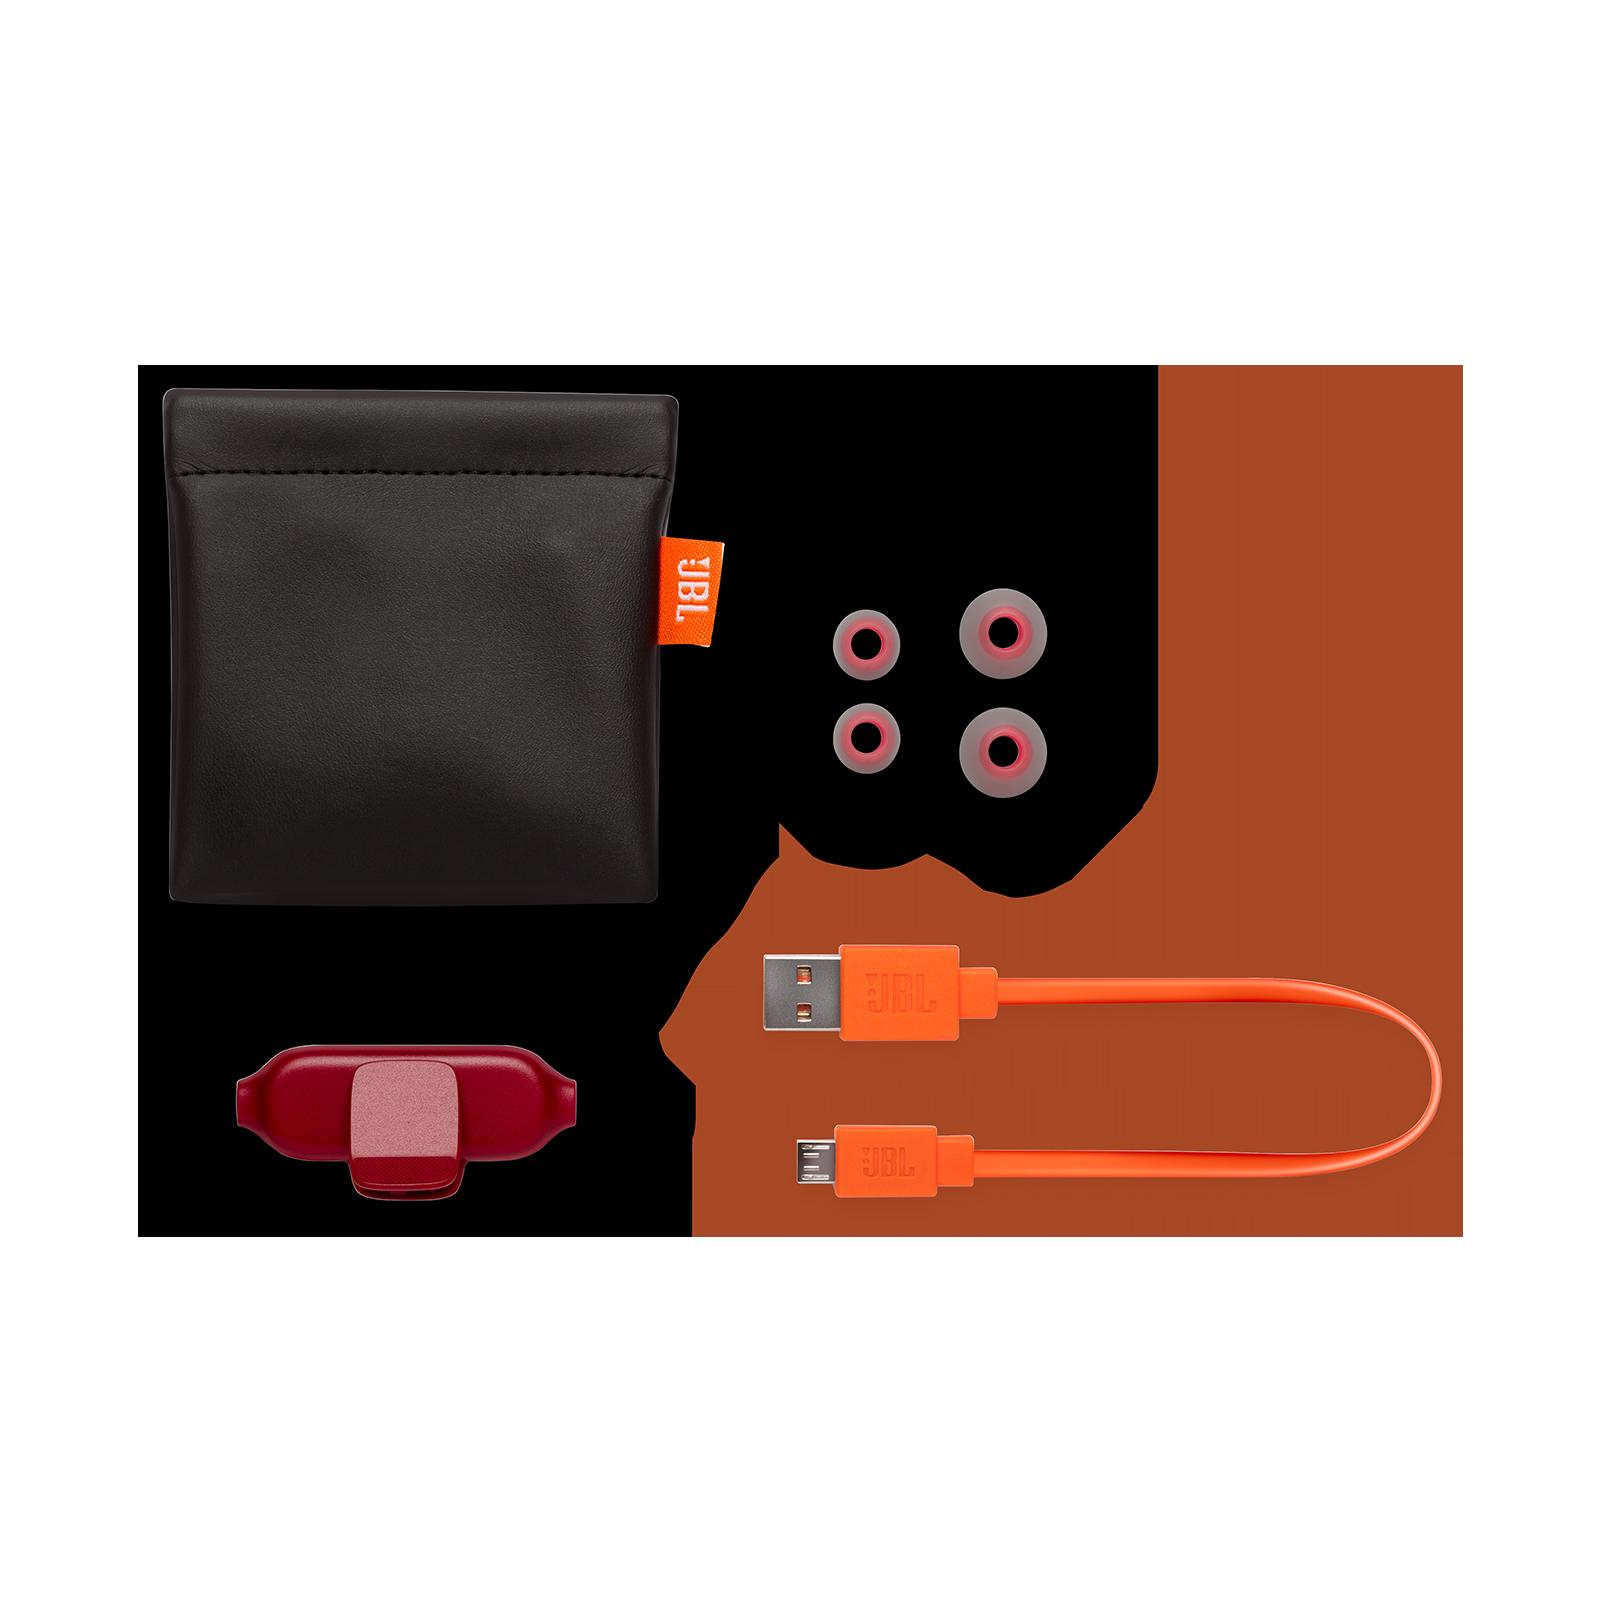 E25BT - Red - Wireless in-ear headphones - Detailshot 4